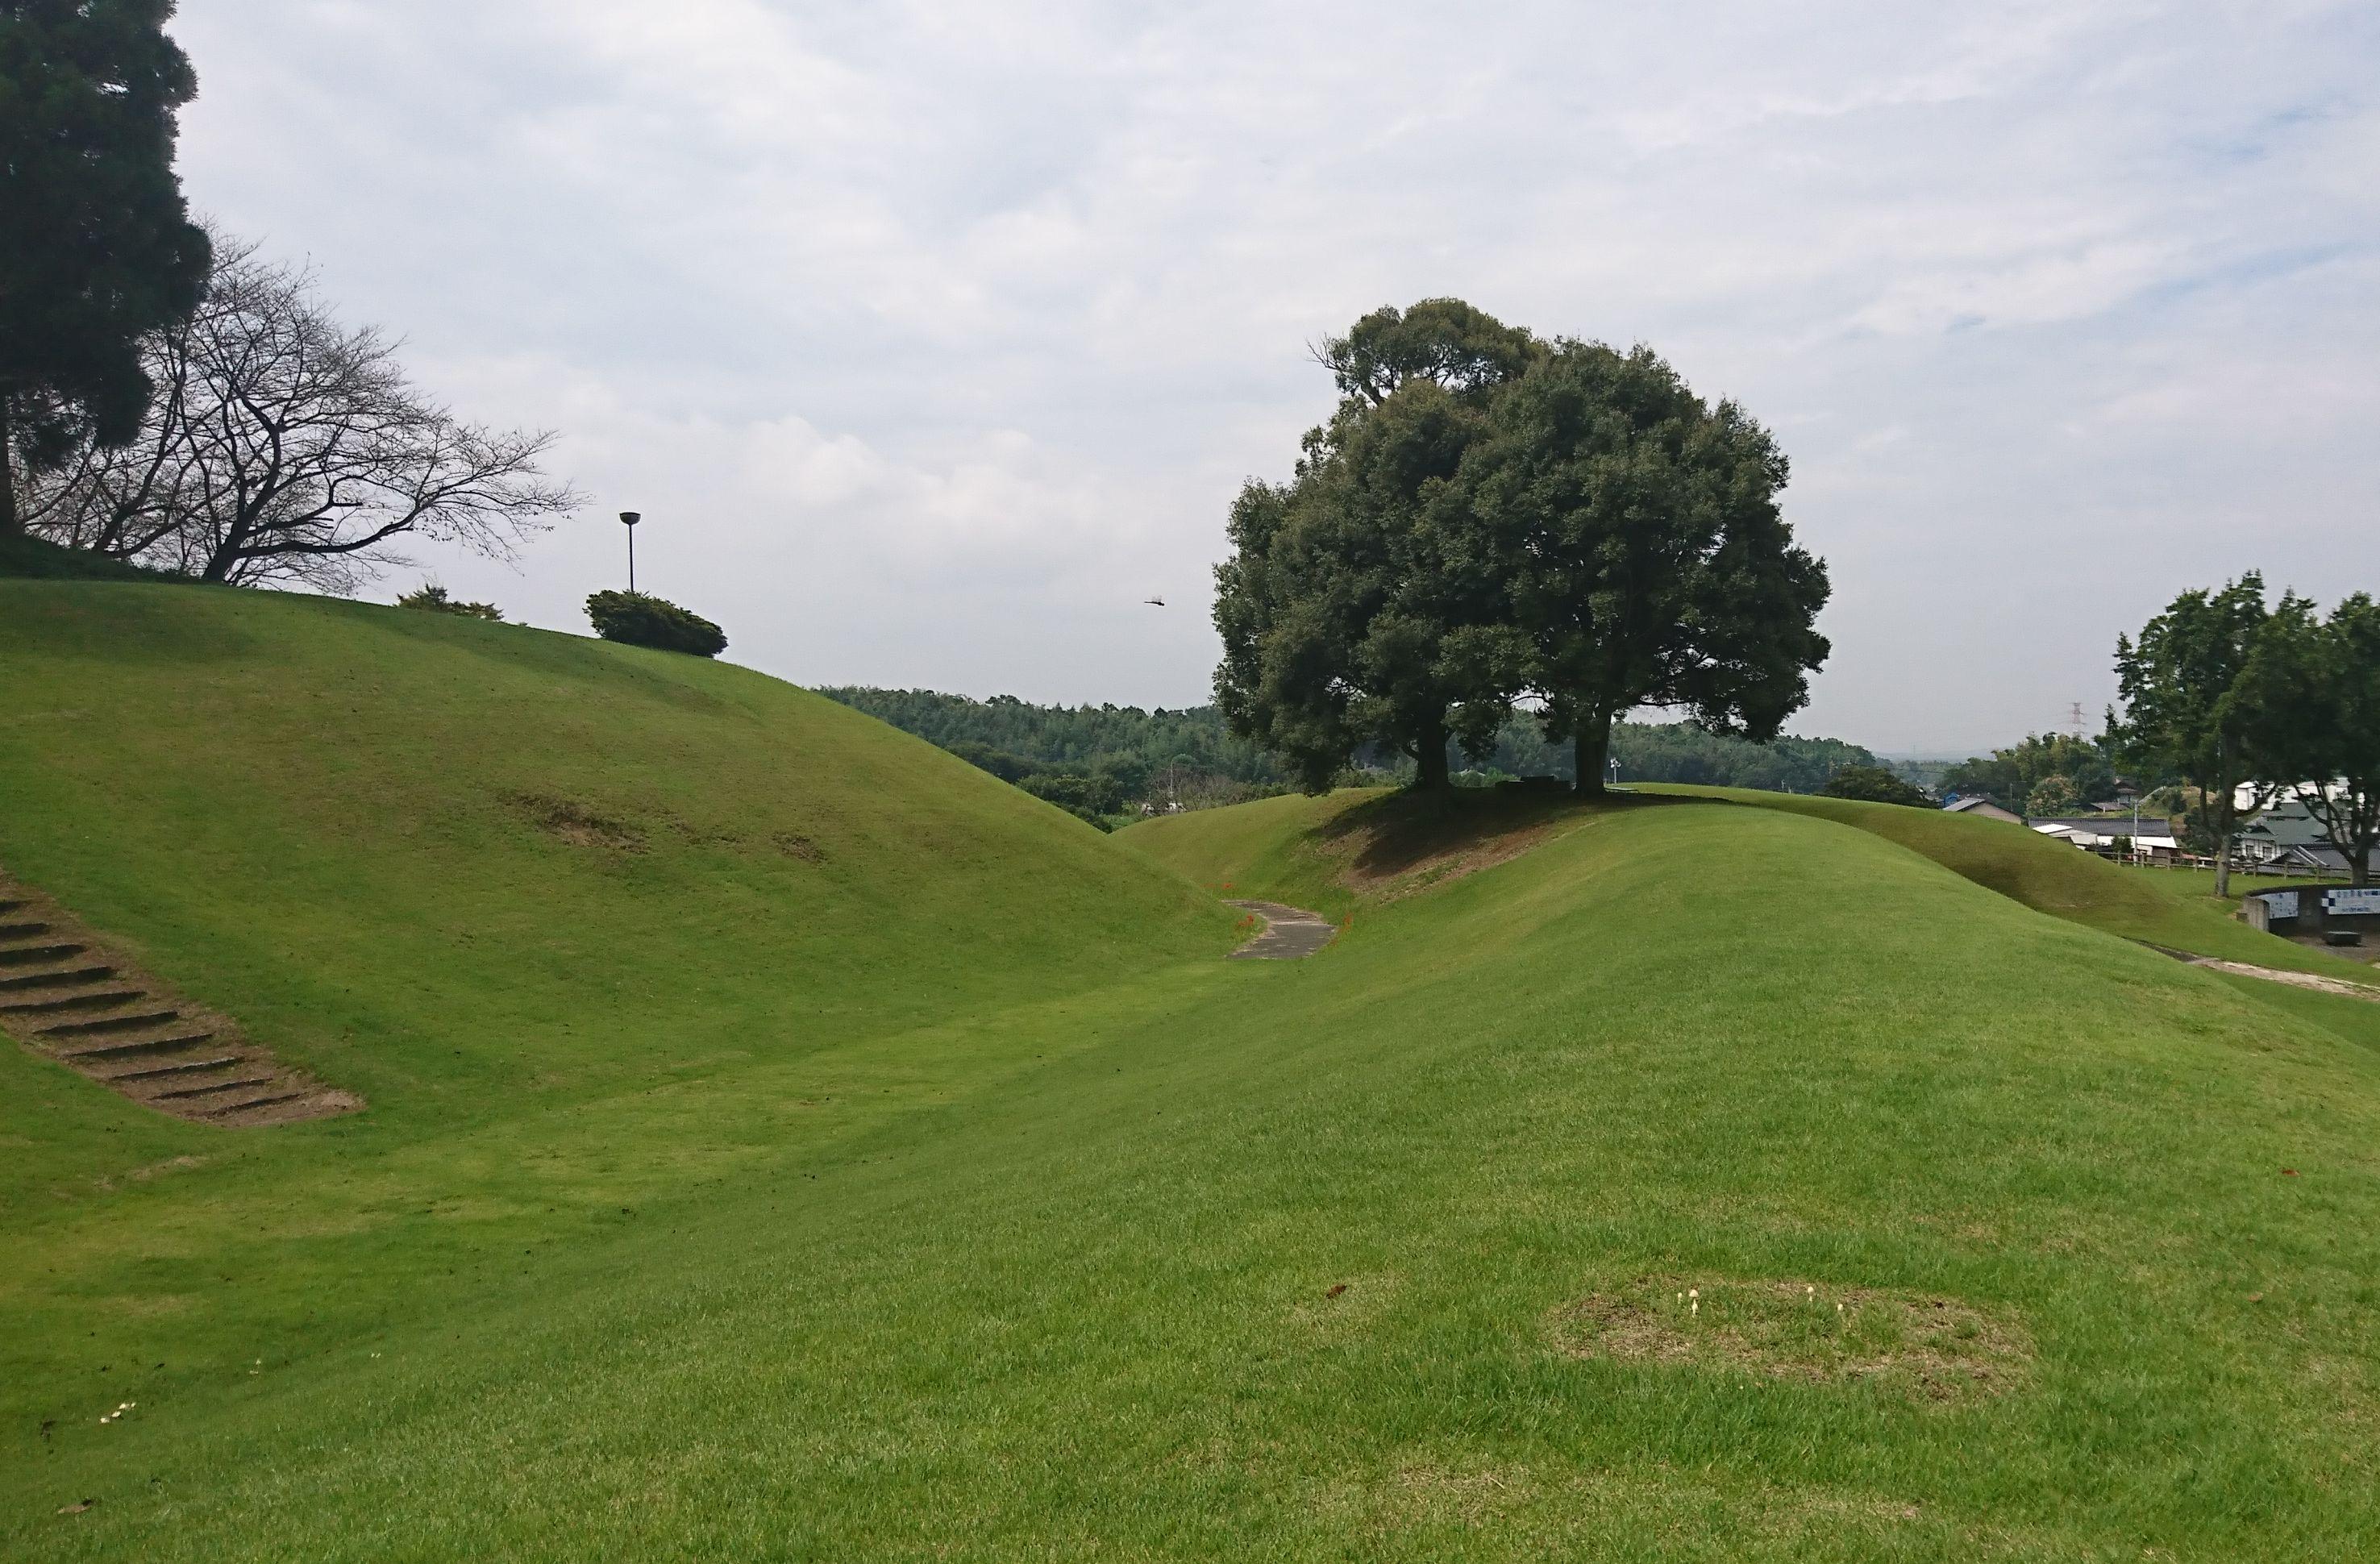 【竹迫城跡公園】合志市、ホタル祭りやイルミネーション・草スキーが楽しめる公園